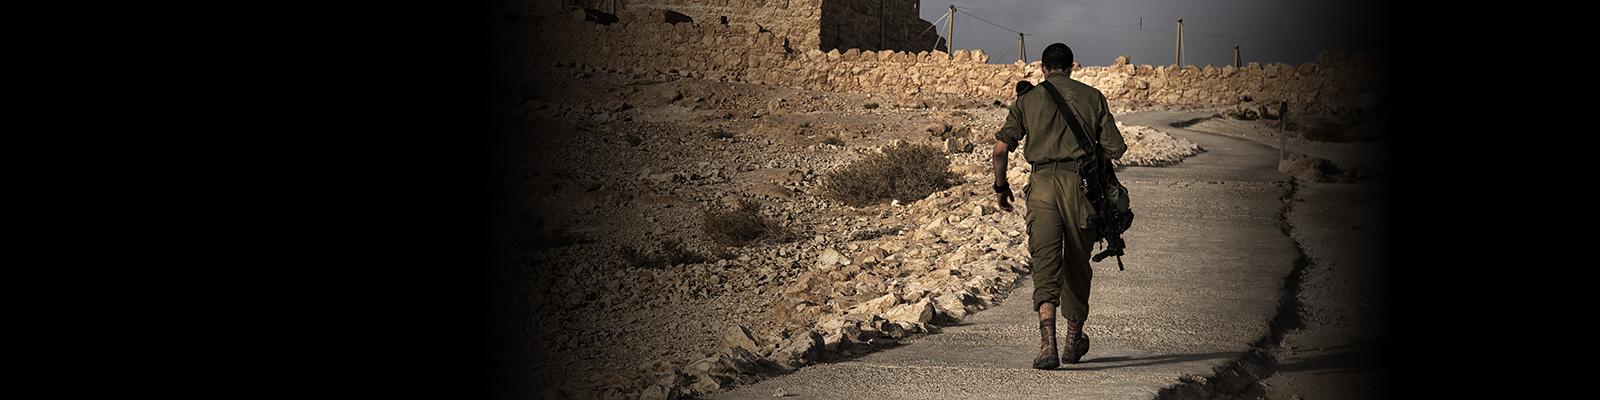 イスラエル 軍人 軍事 イメージ